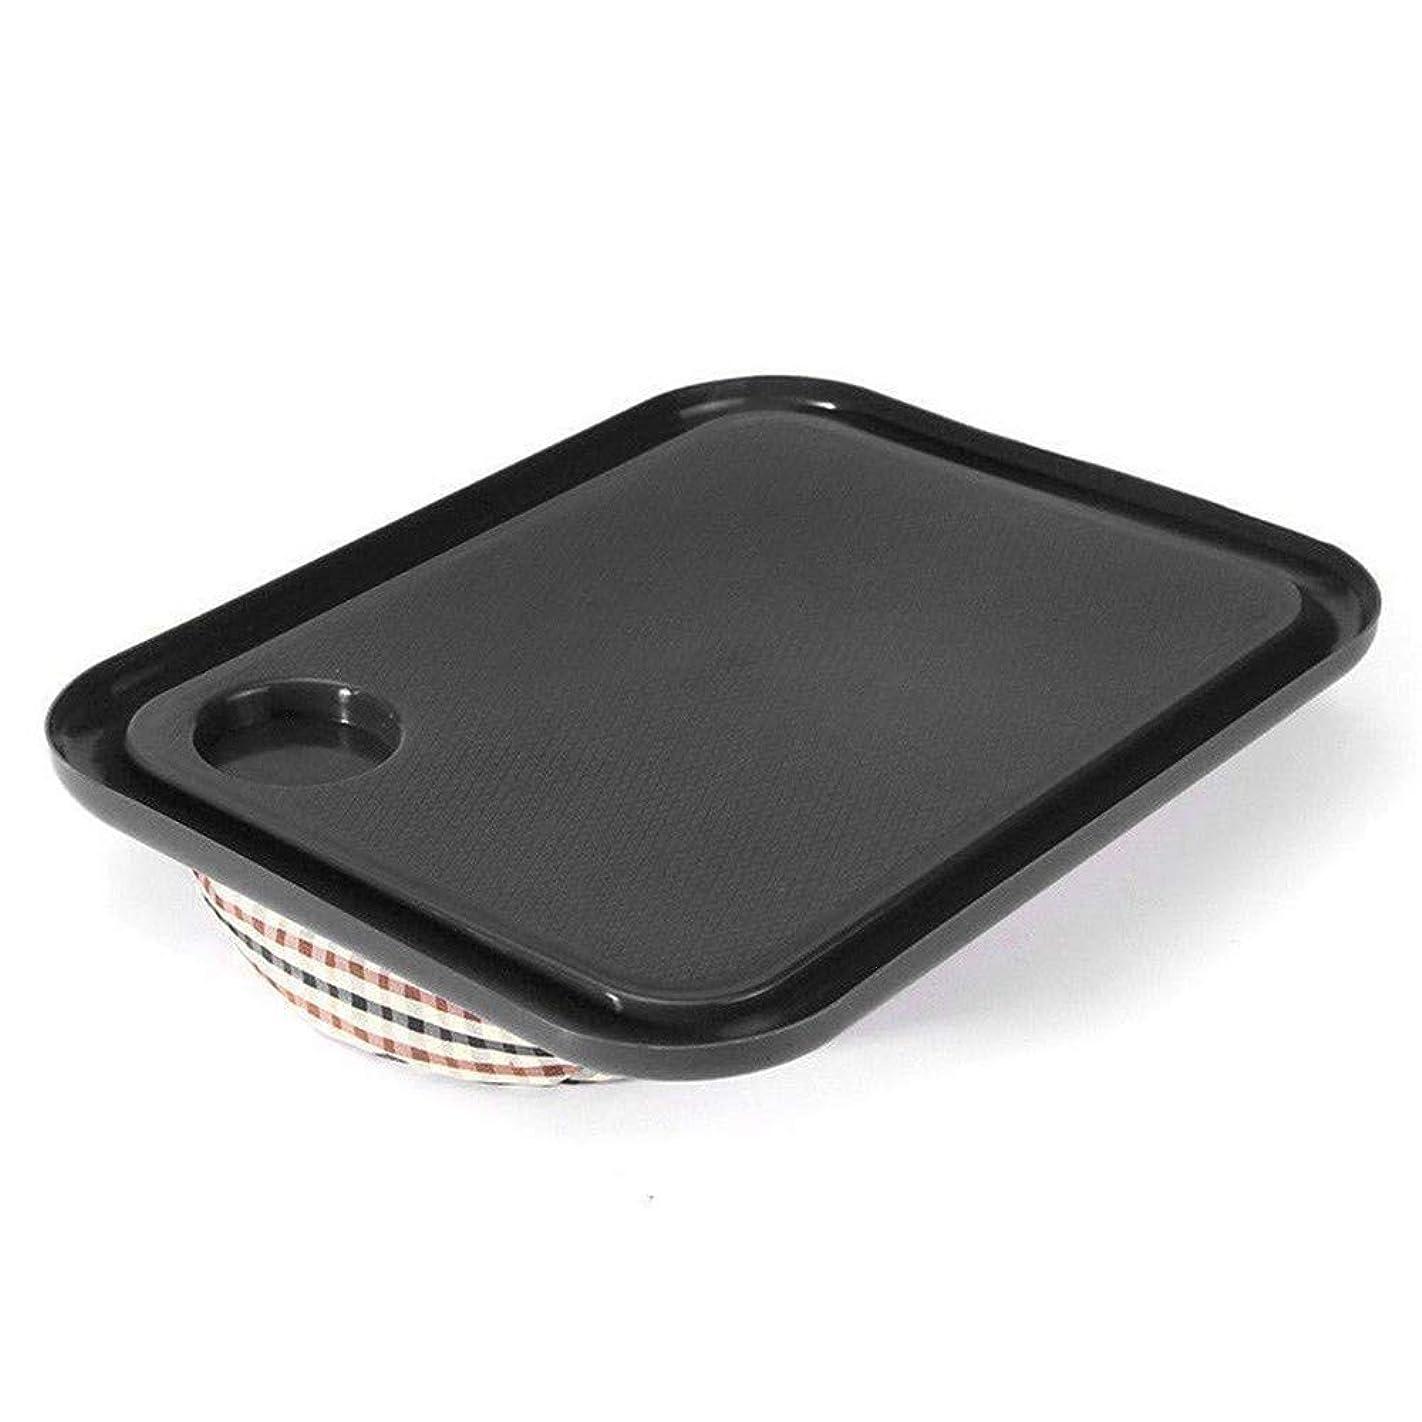 真向こうアスリートバトルLVESHOP 屋外ポータブルハンディラップトップトレイホルダーラップトップテーブル学習朝食机 (色 : Black)